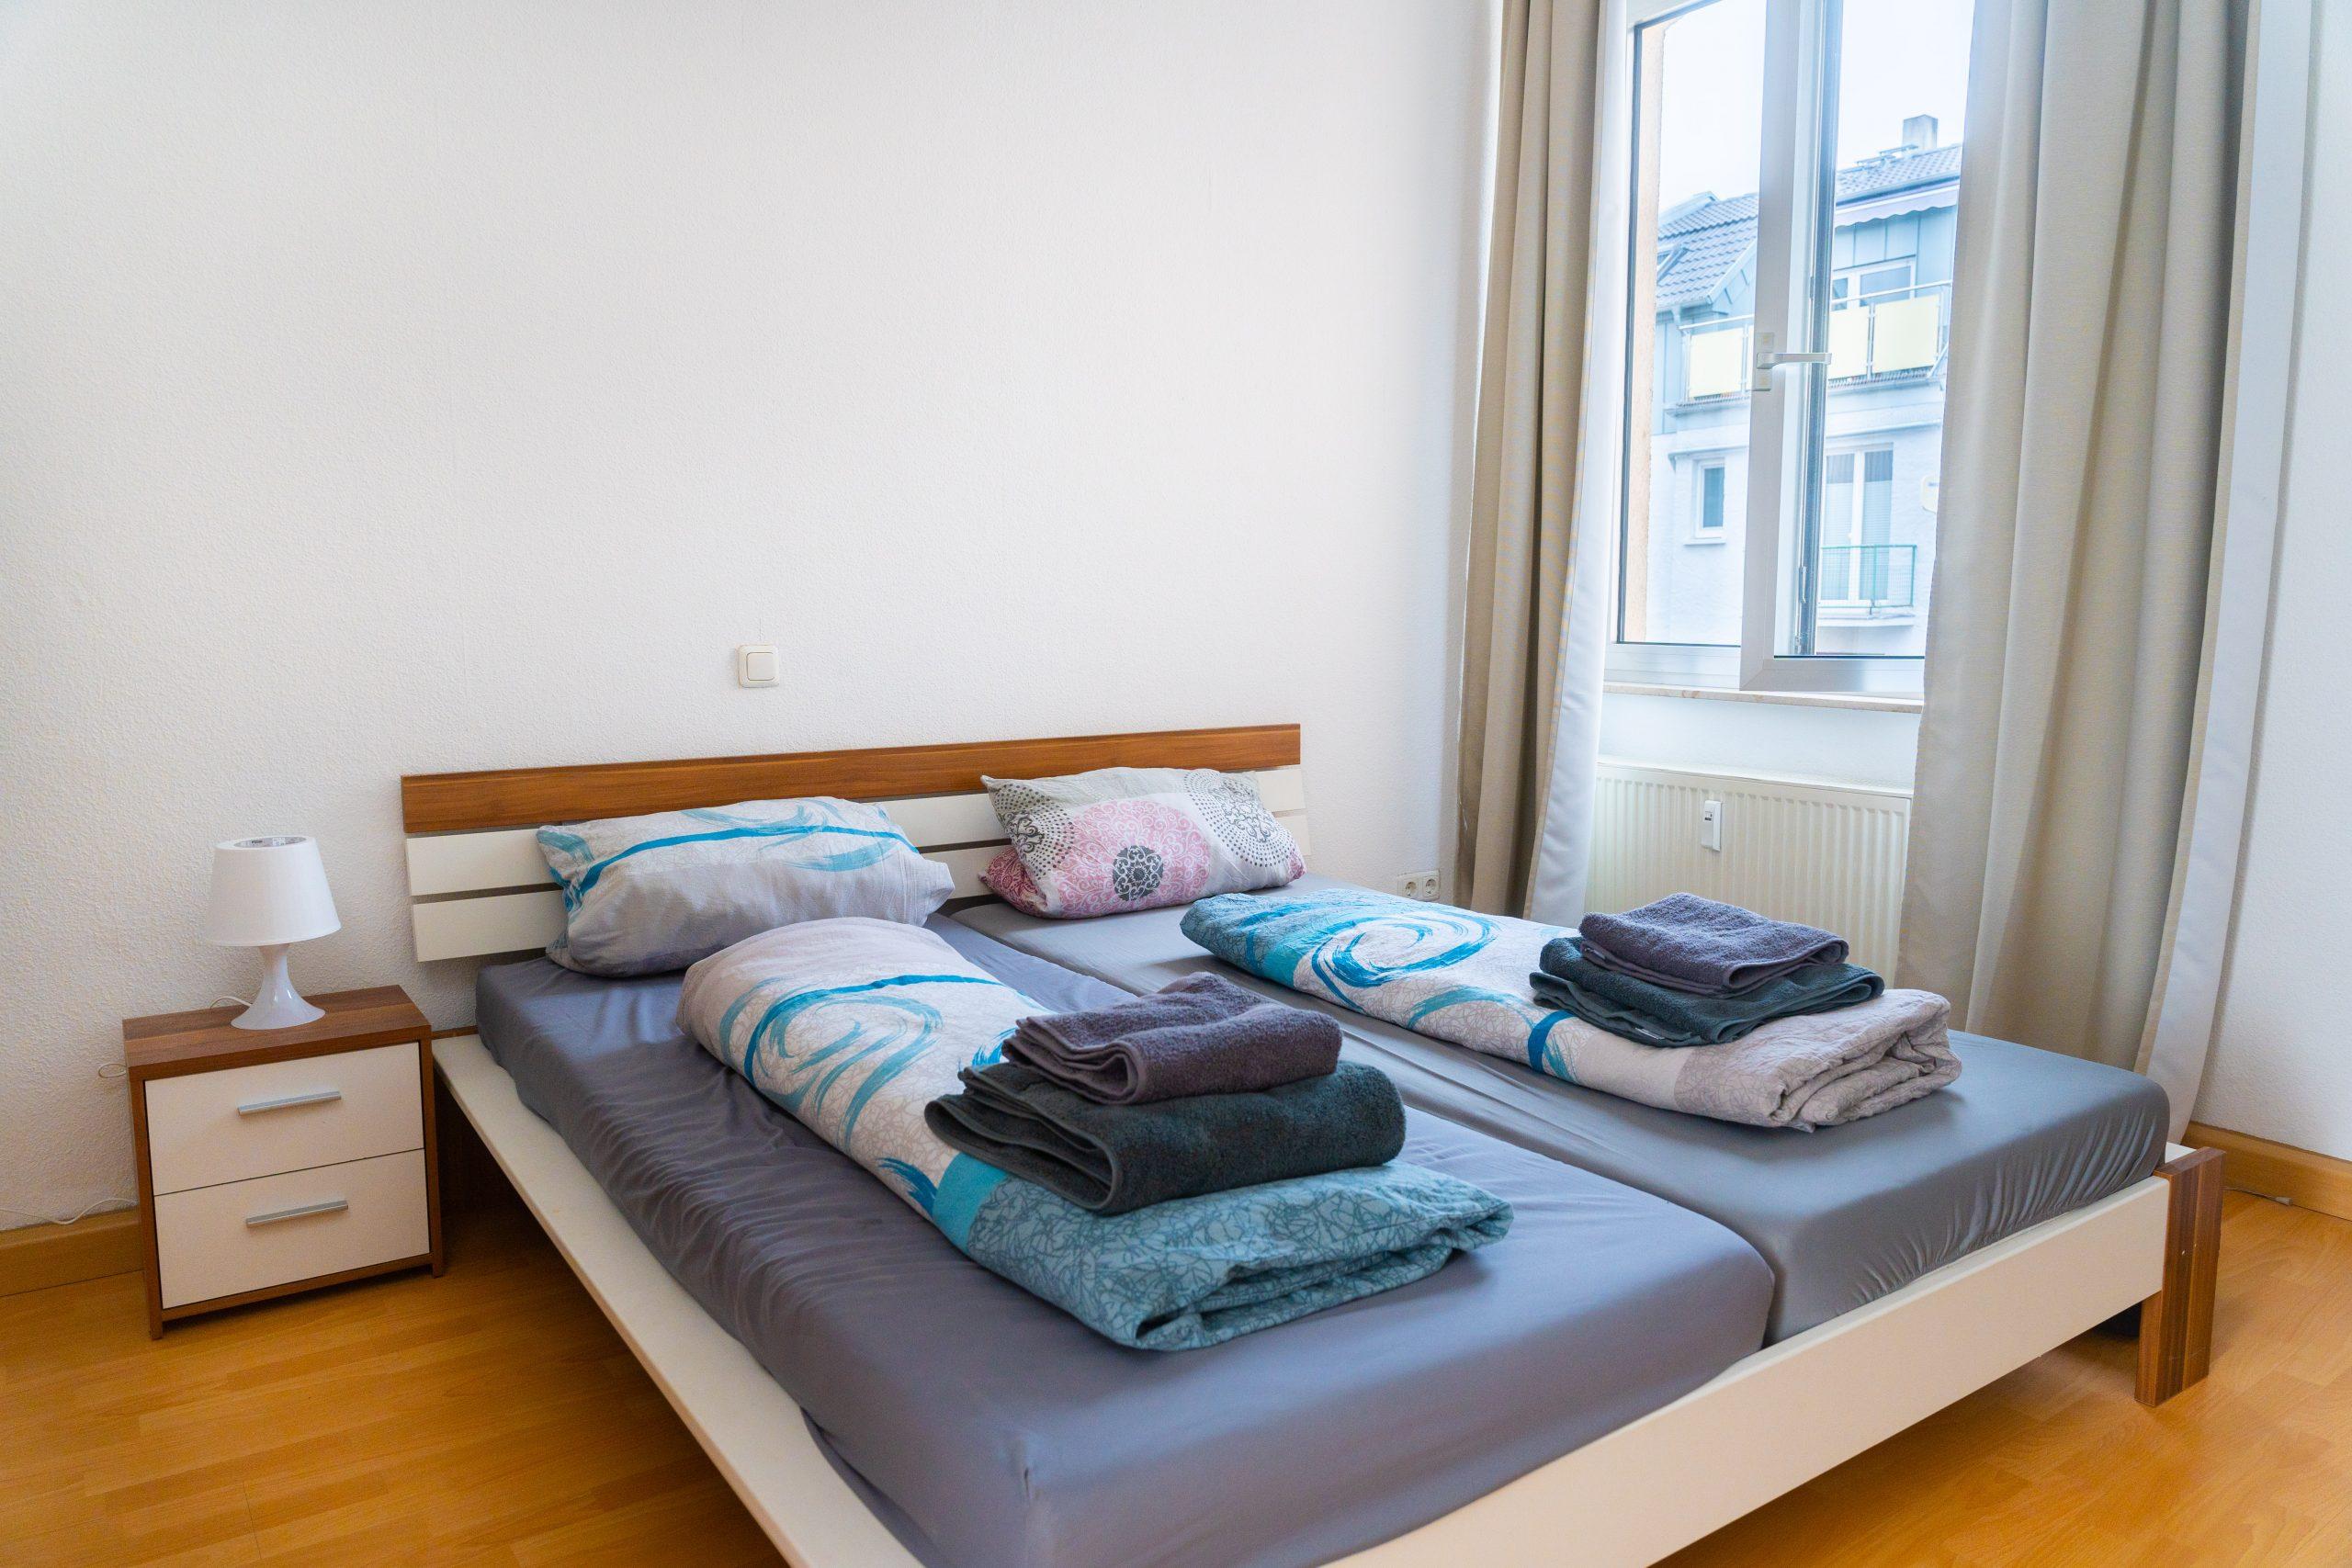 Villa-Doerr FeWo-Regent Mainz